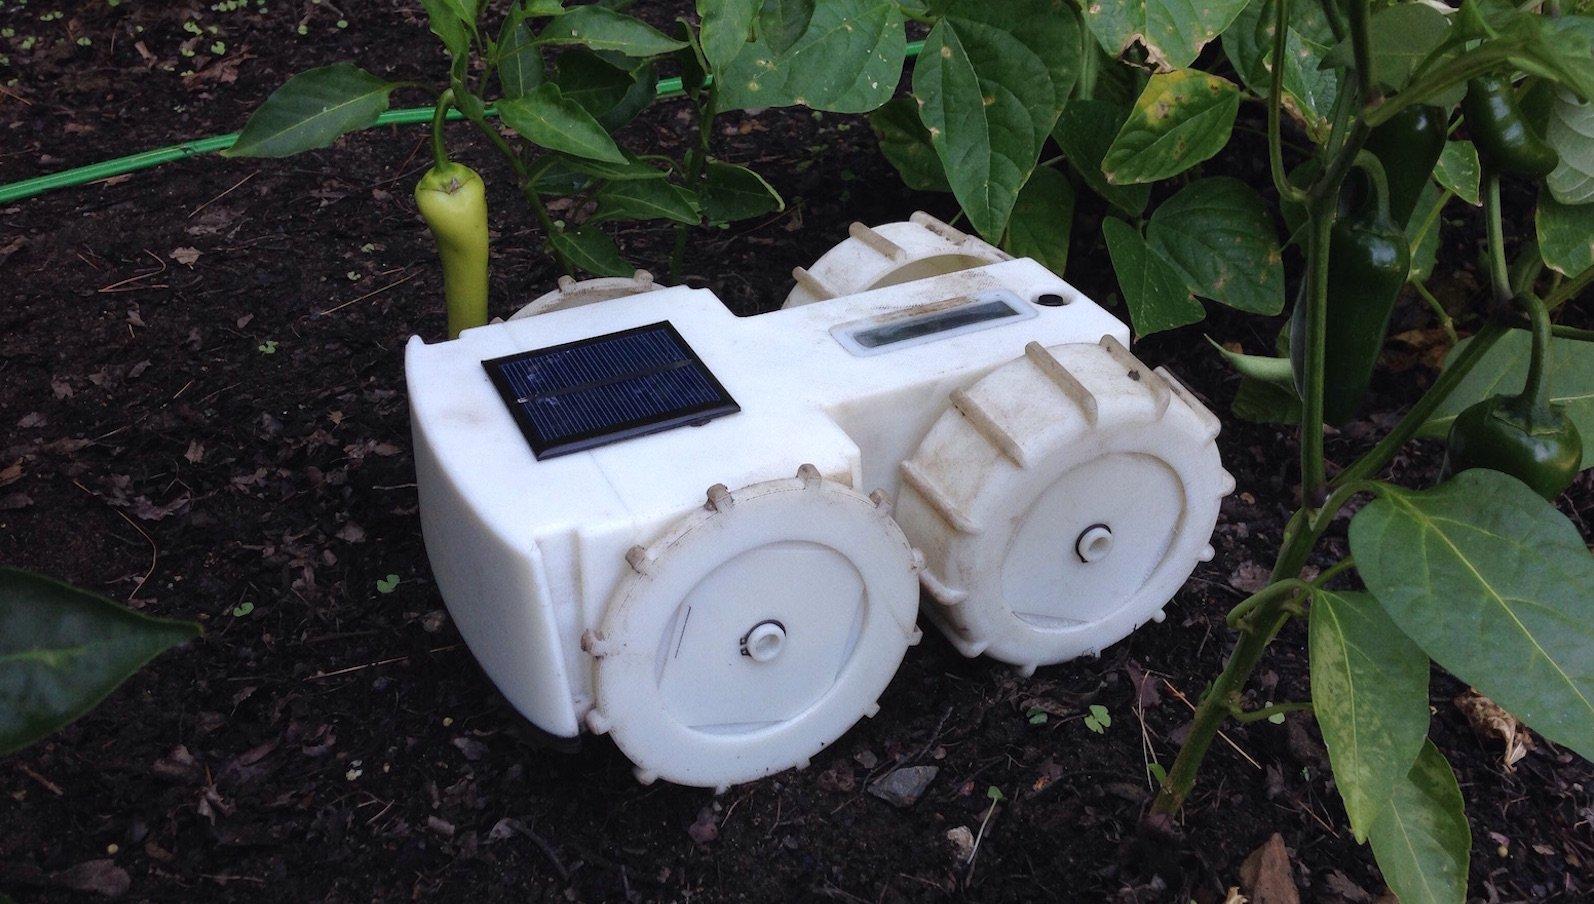 Unkrautroboter Tertill fährt mit Solarstrom und trimmt ungebetene Pflanzen weg.